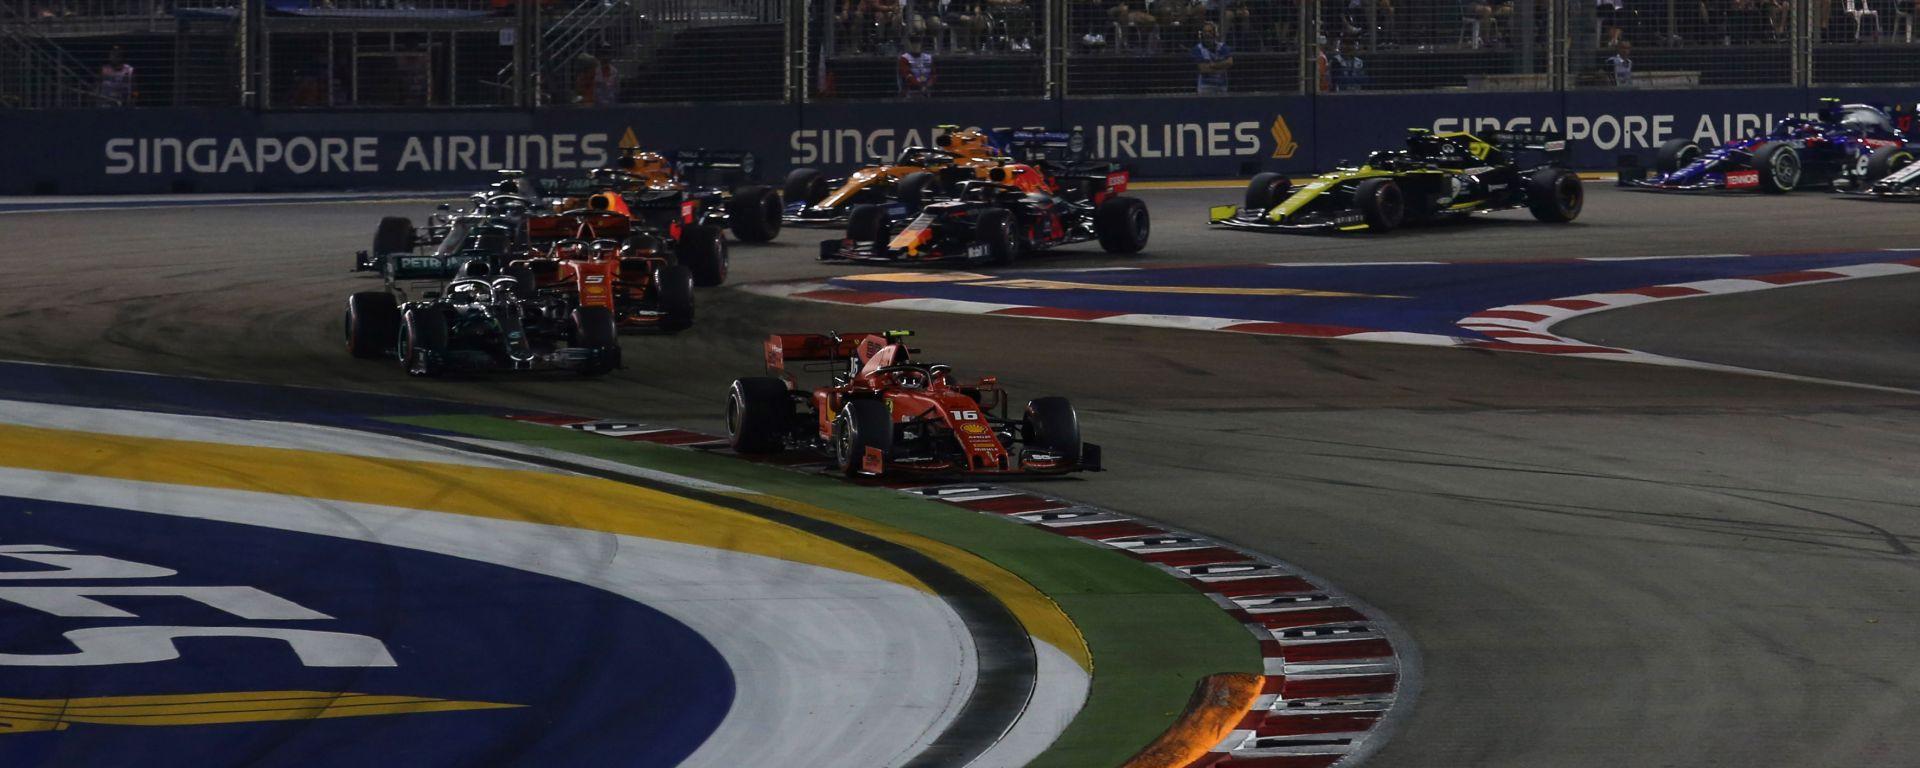 F1 GP Singapore 2019, Marina Bay: la partenza della gara